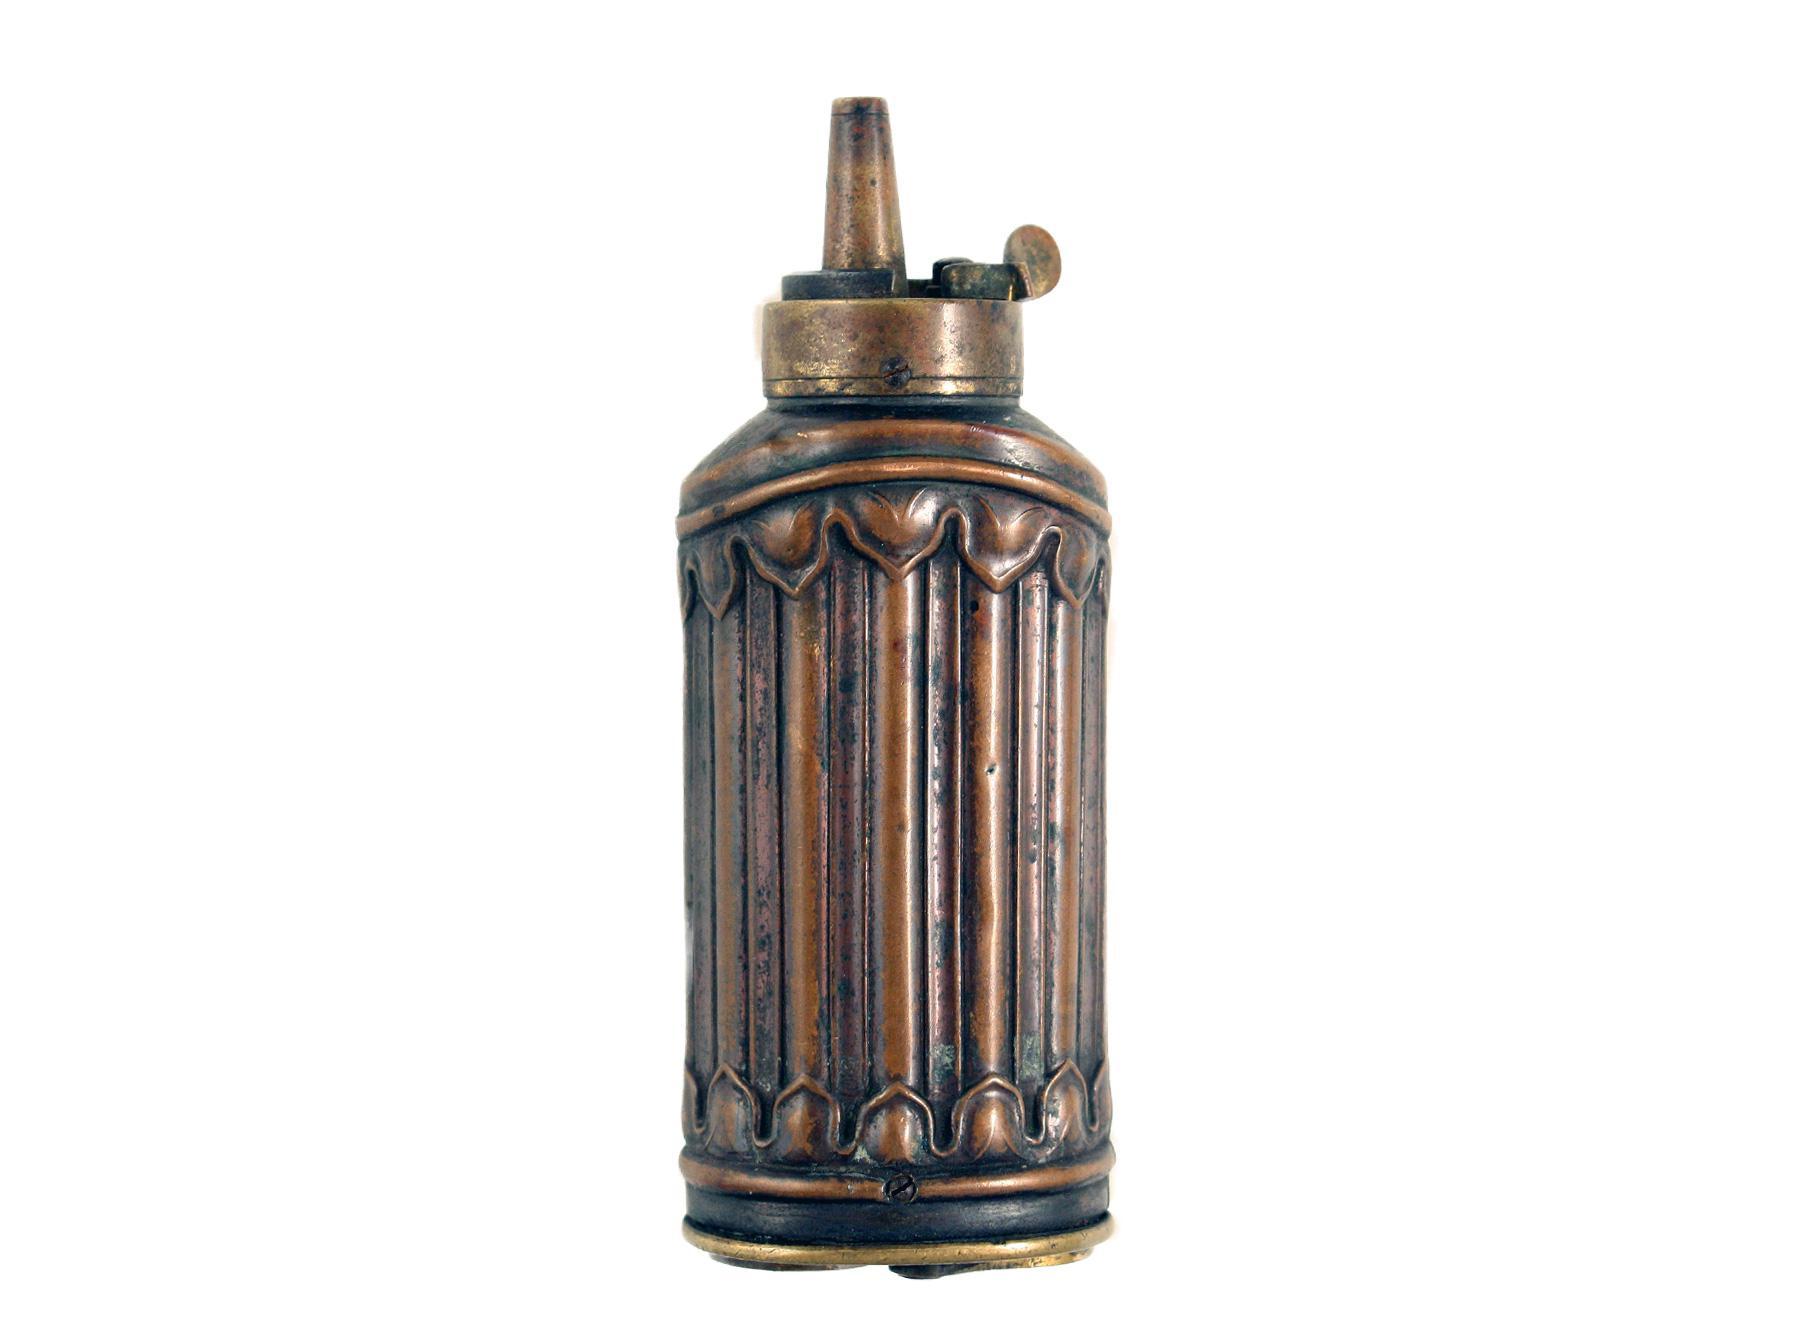 A Fluted Three-Way Powder Flask